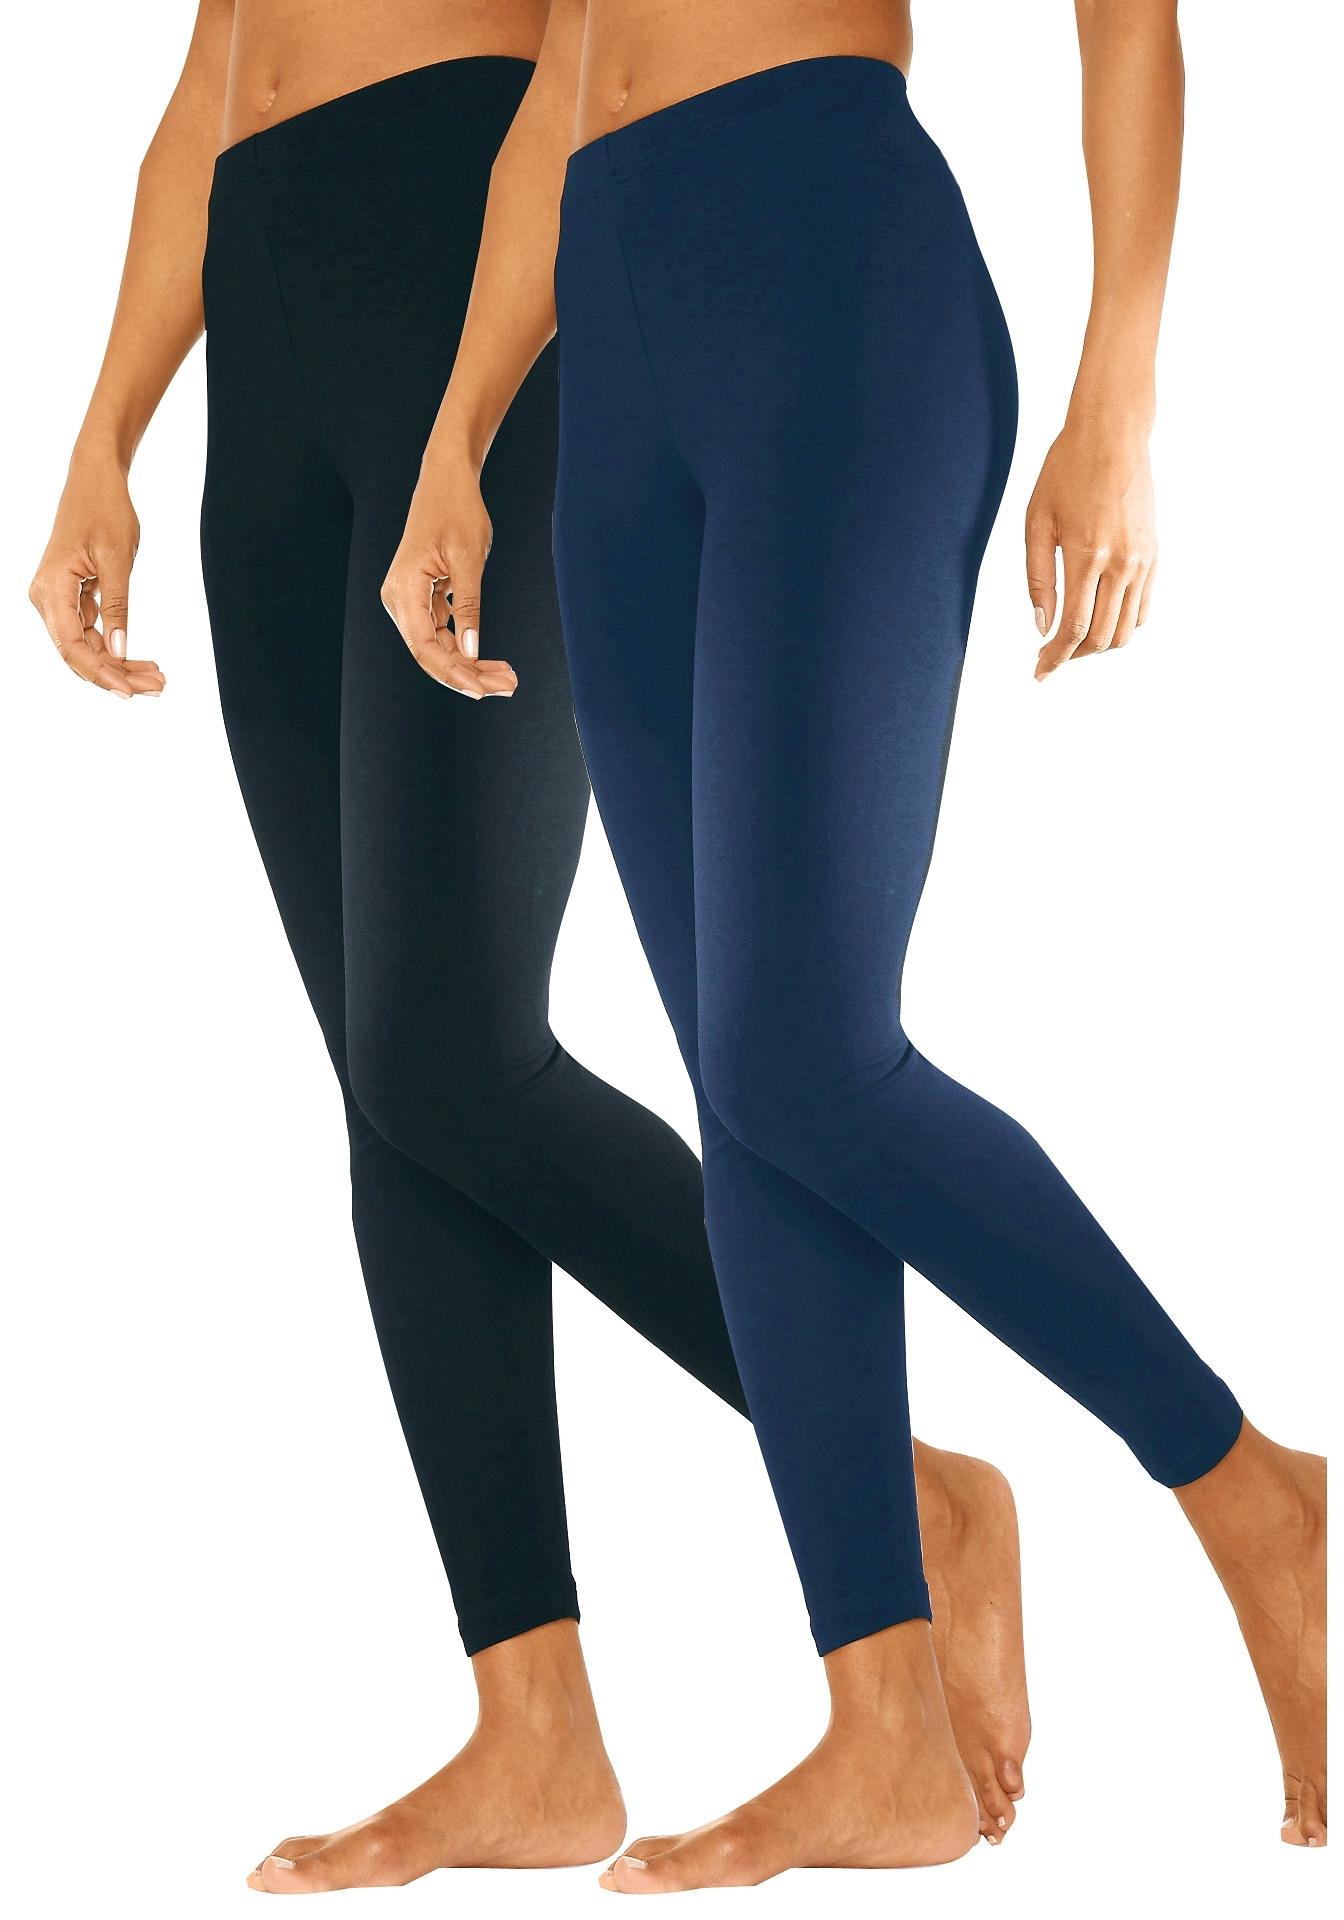 Vivance Collection Legging, set van 2 voordelig en veilig online kopen